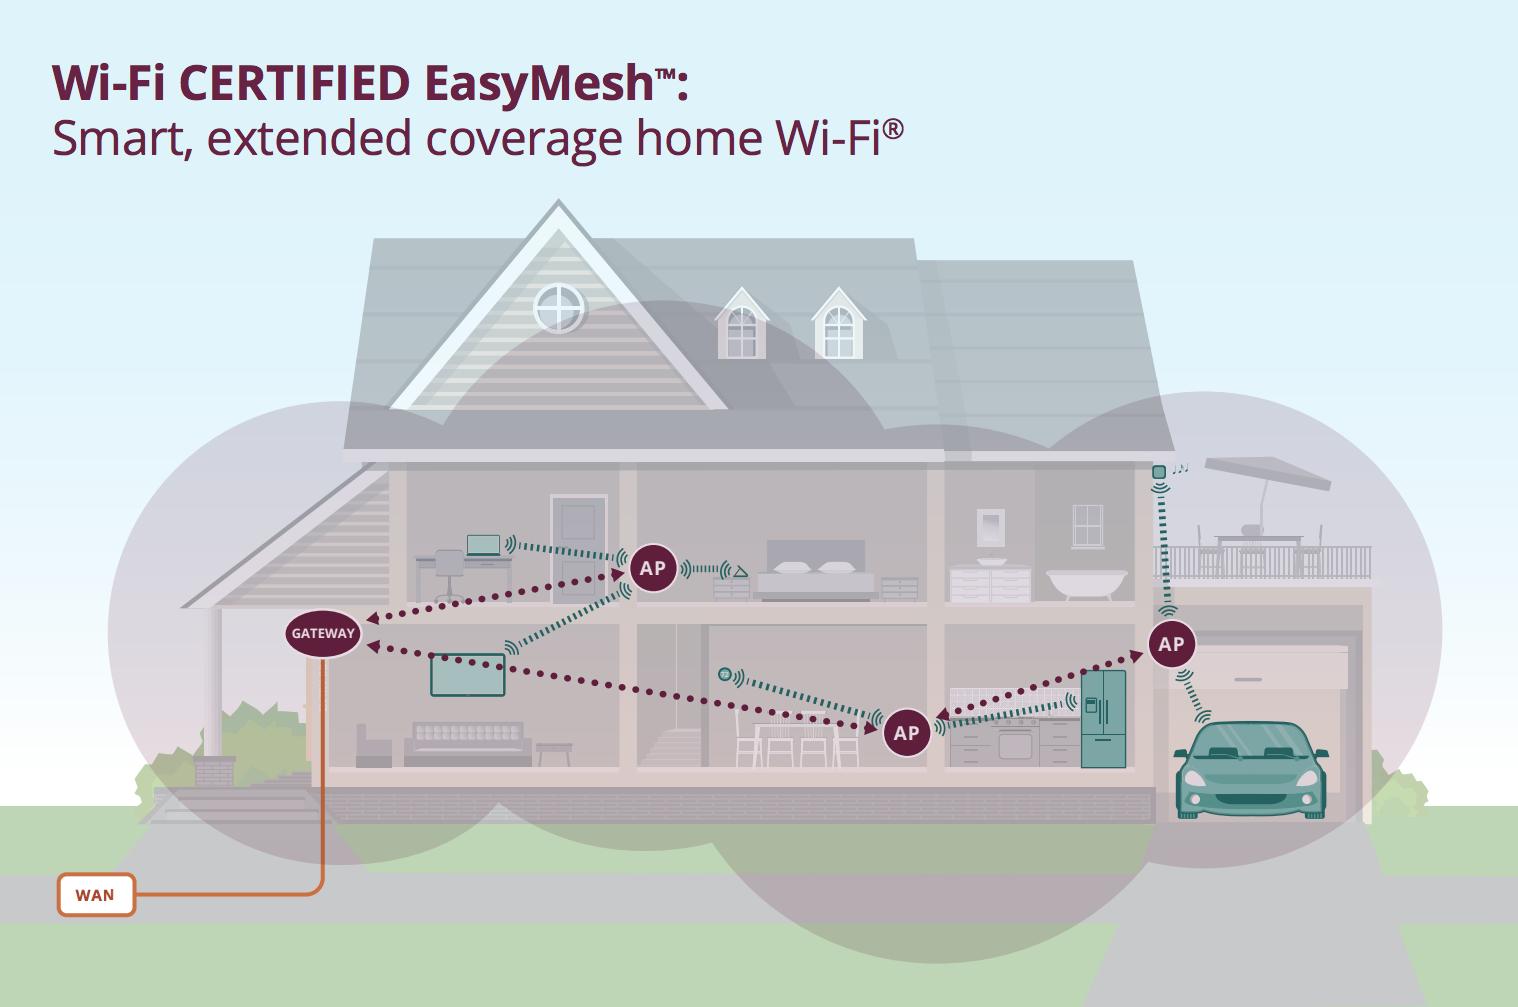 EasyMesh Wi-Fi